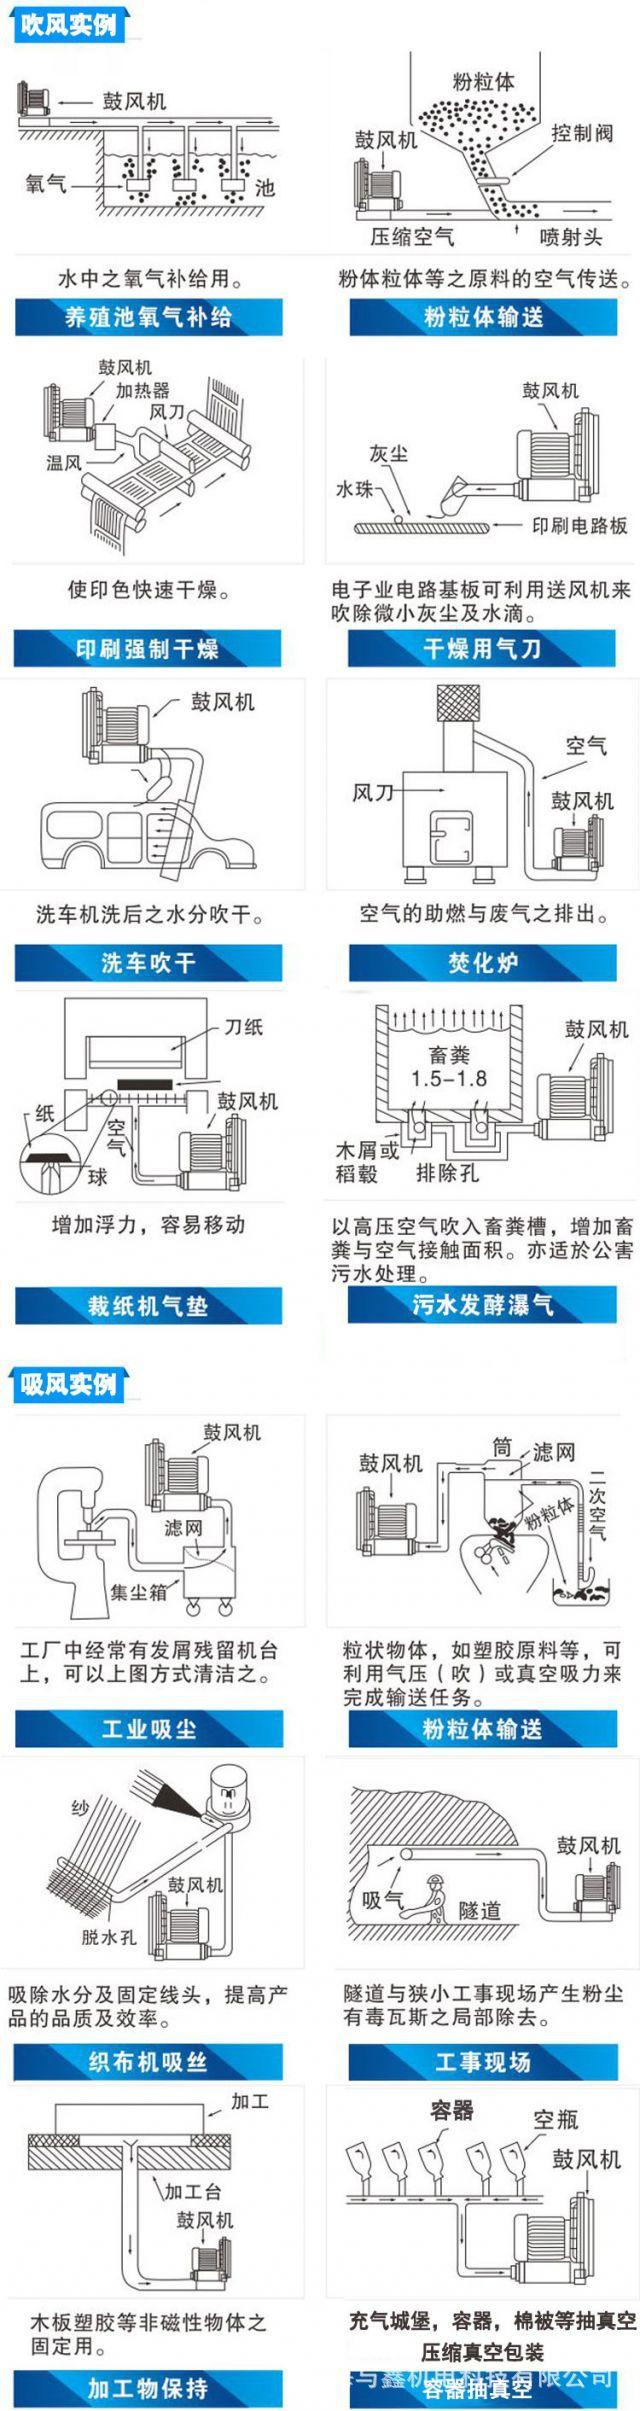 高压漩涡风机 离心风机 工业强力鼓风机 真空泵旋涡式气泵 鱼塘增氧机示例图14